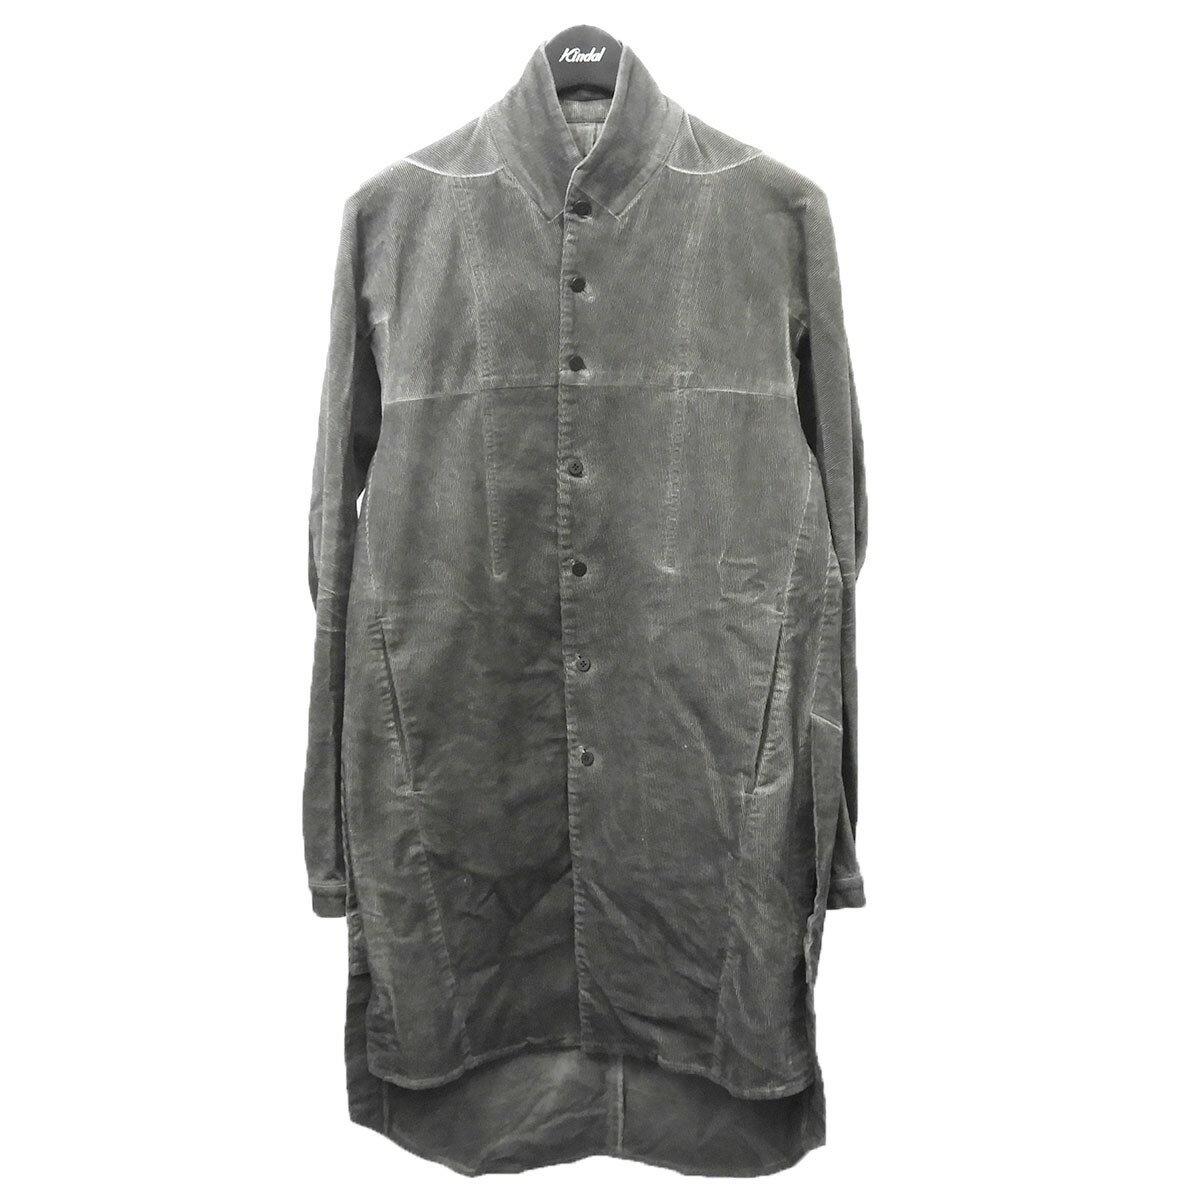 トップス, カジュアルシャツ DHYGEN 1 150321